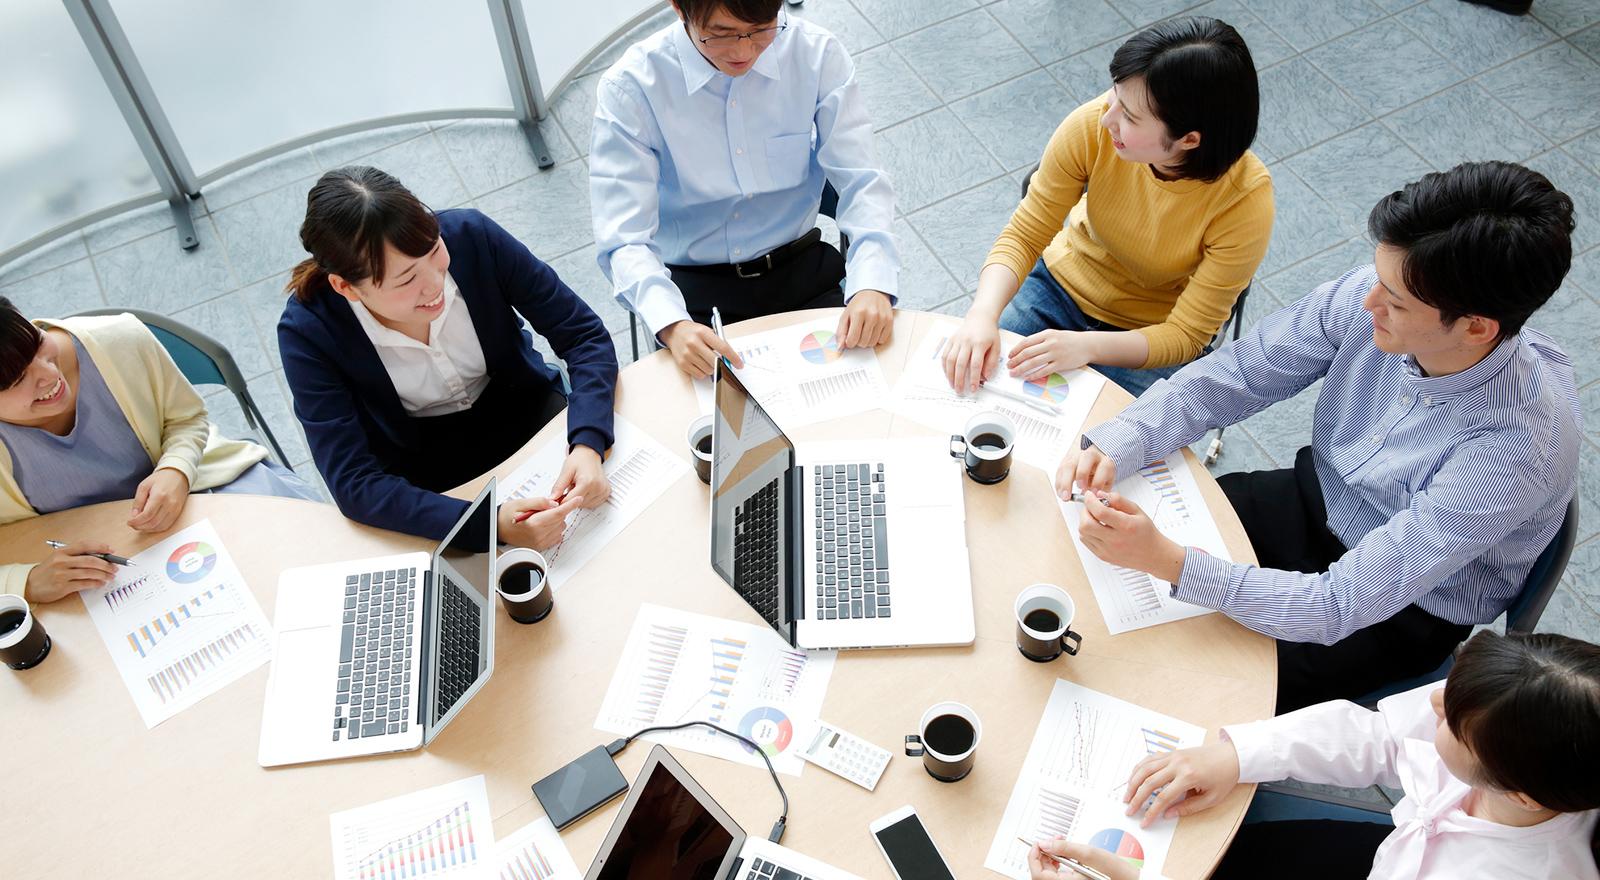 新規事業のアイデアを、スタッフに求めることについて